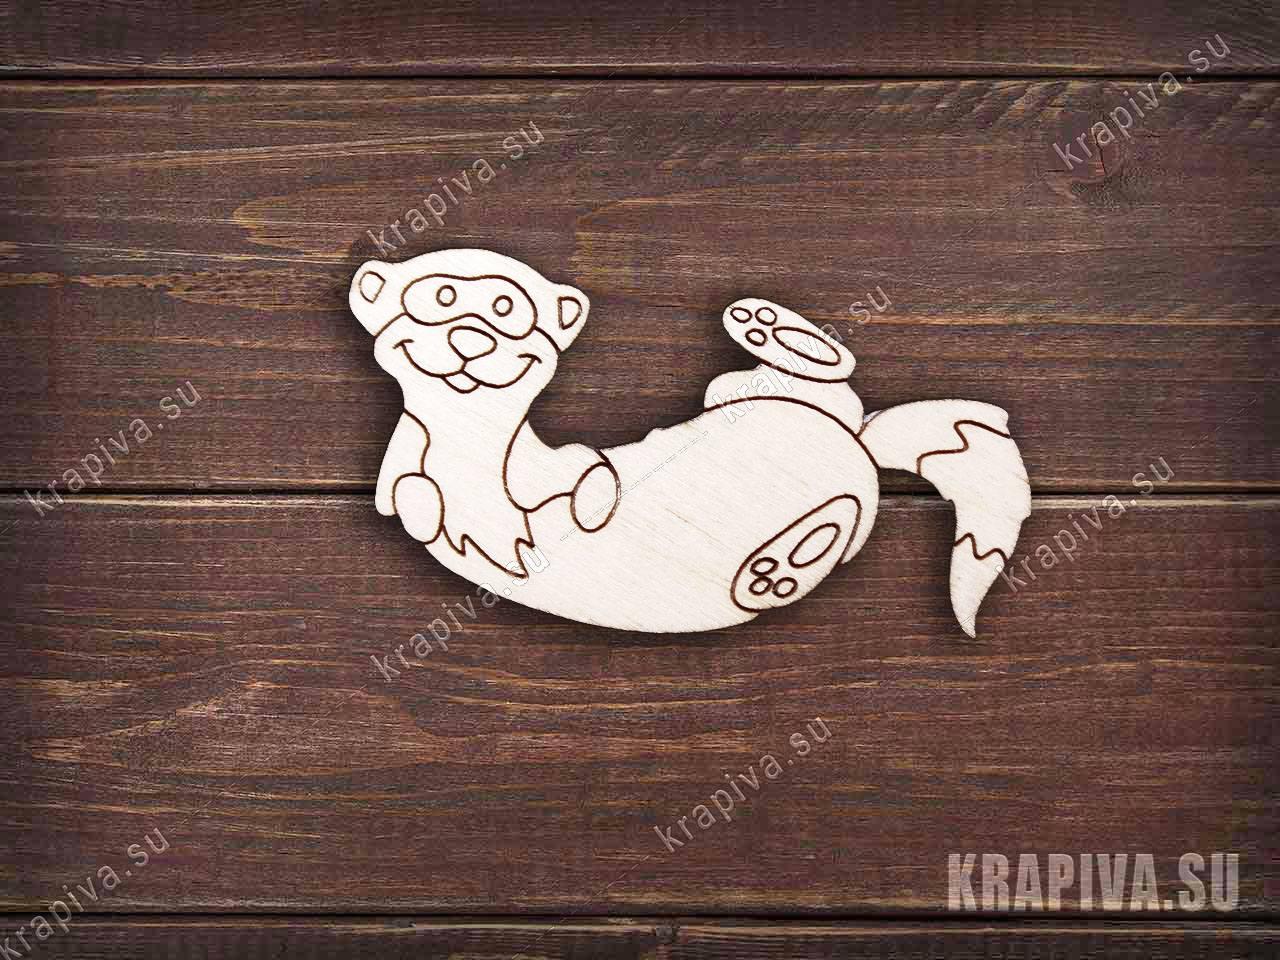 Заготовка деревянного значка Выдра №1 (krapiva.su)